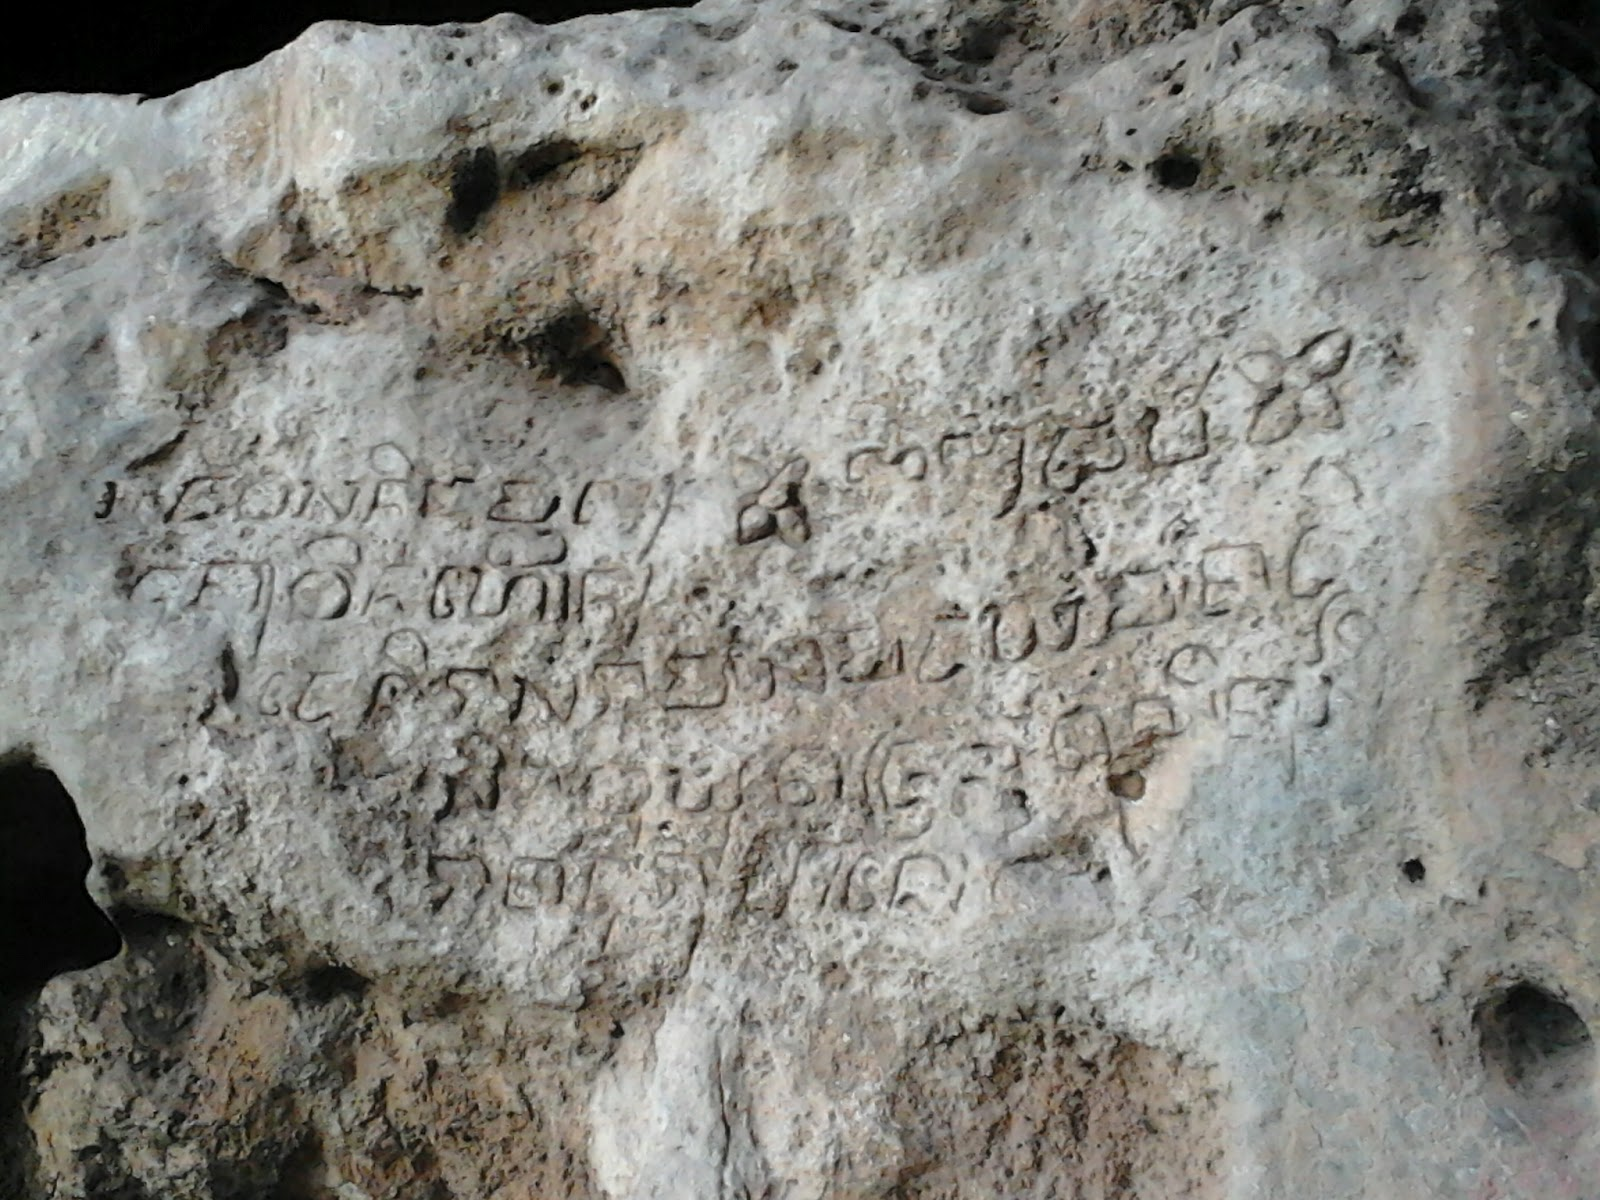 Prasasti Butulan Zaman Majapahit Memiliki Angka 1298 Saka Kab Gresik